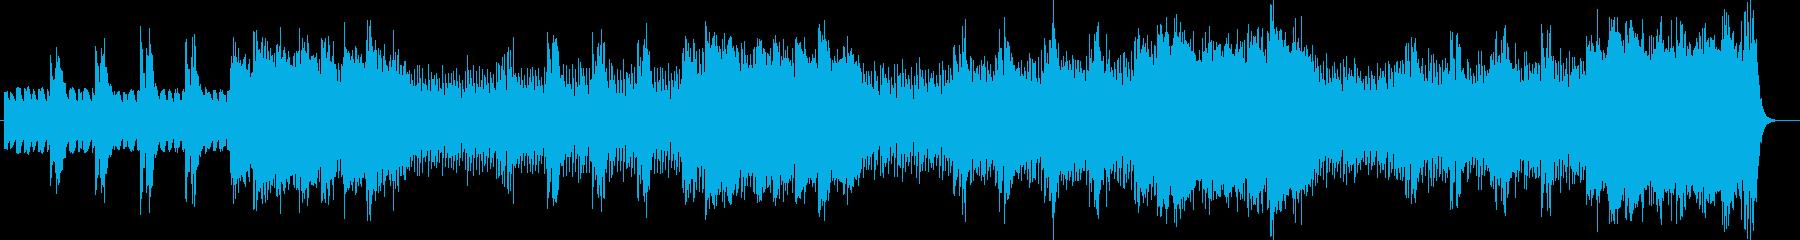 近未来のようなシンセサイザーサウンドの再生済みの波形